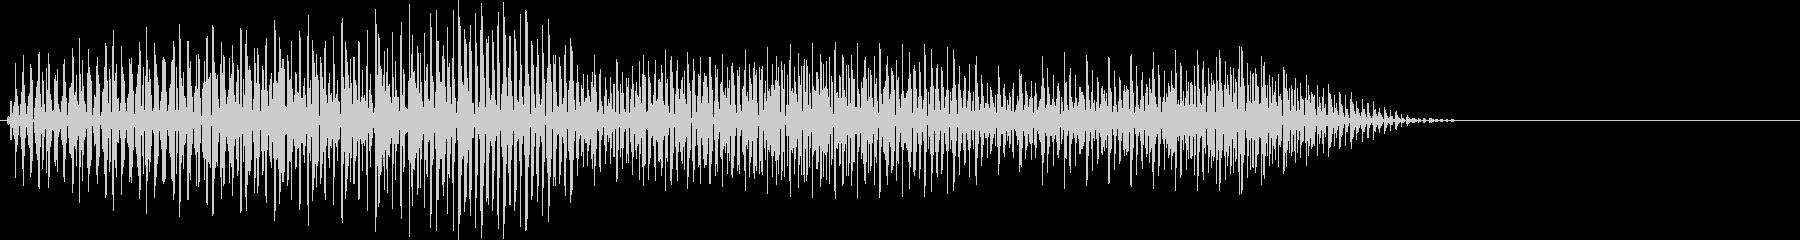 ピロ・決定音・選択音・デジタルの未再生の波形